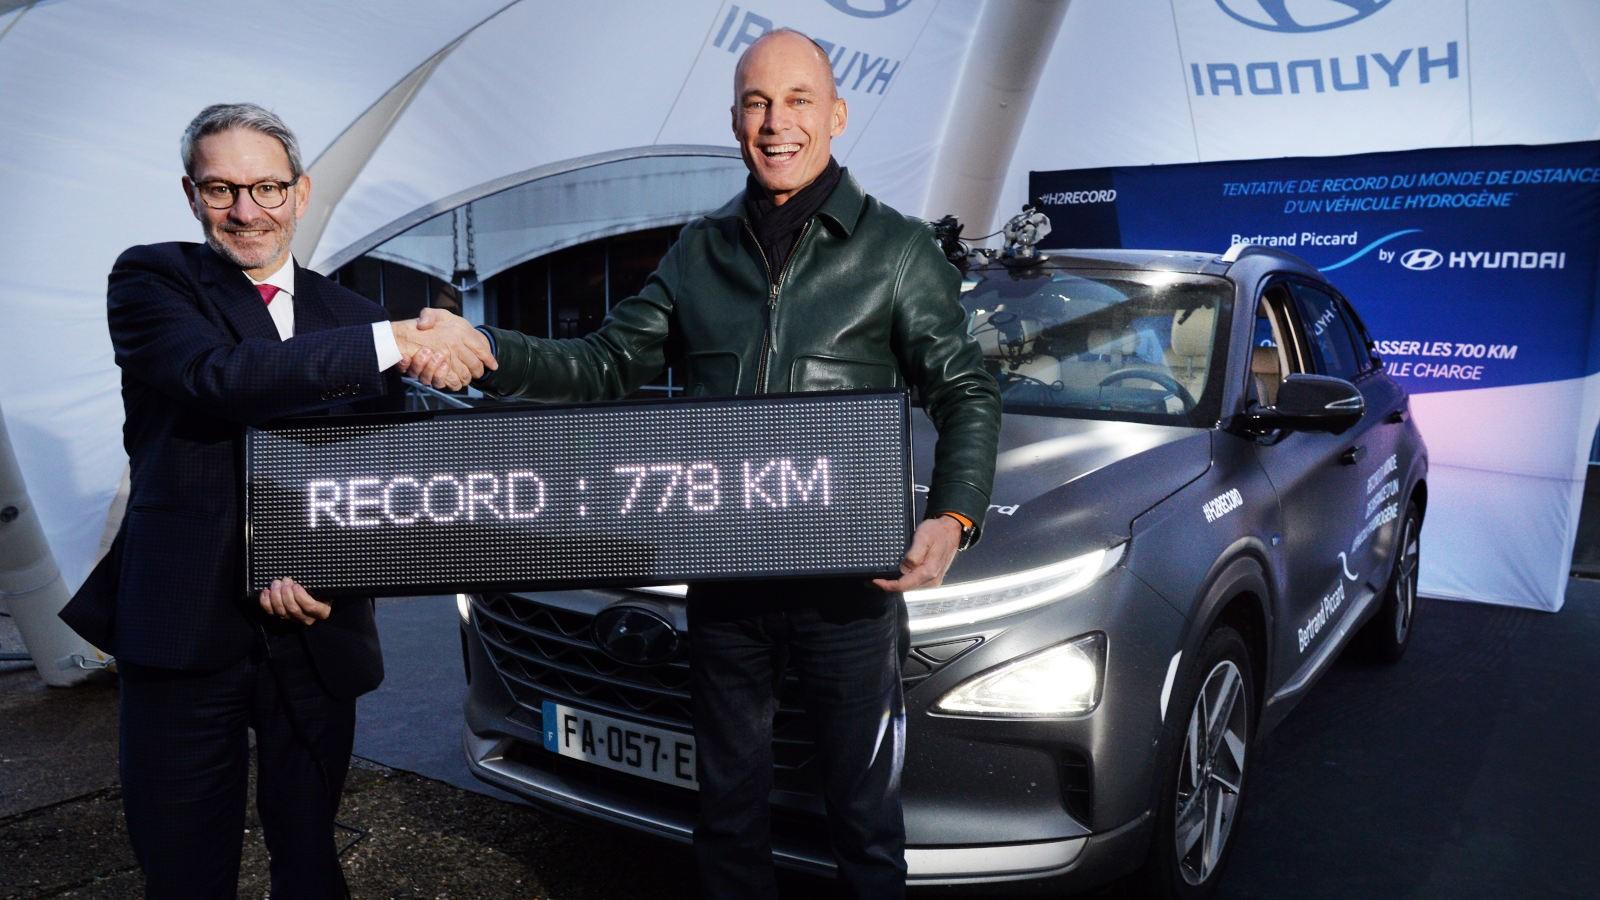 La Hyundai Nexo se adjudicó el récord de la mayor distancia recorrida para un auto con pila de combustible